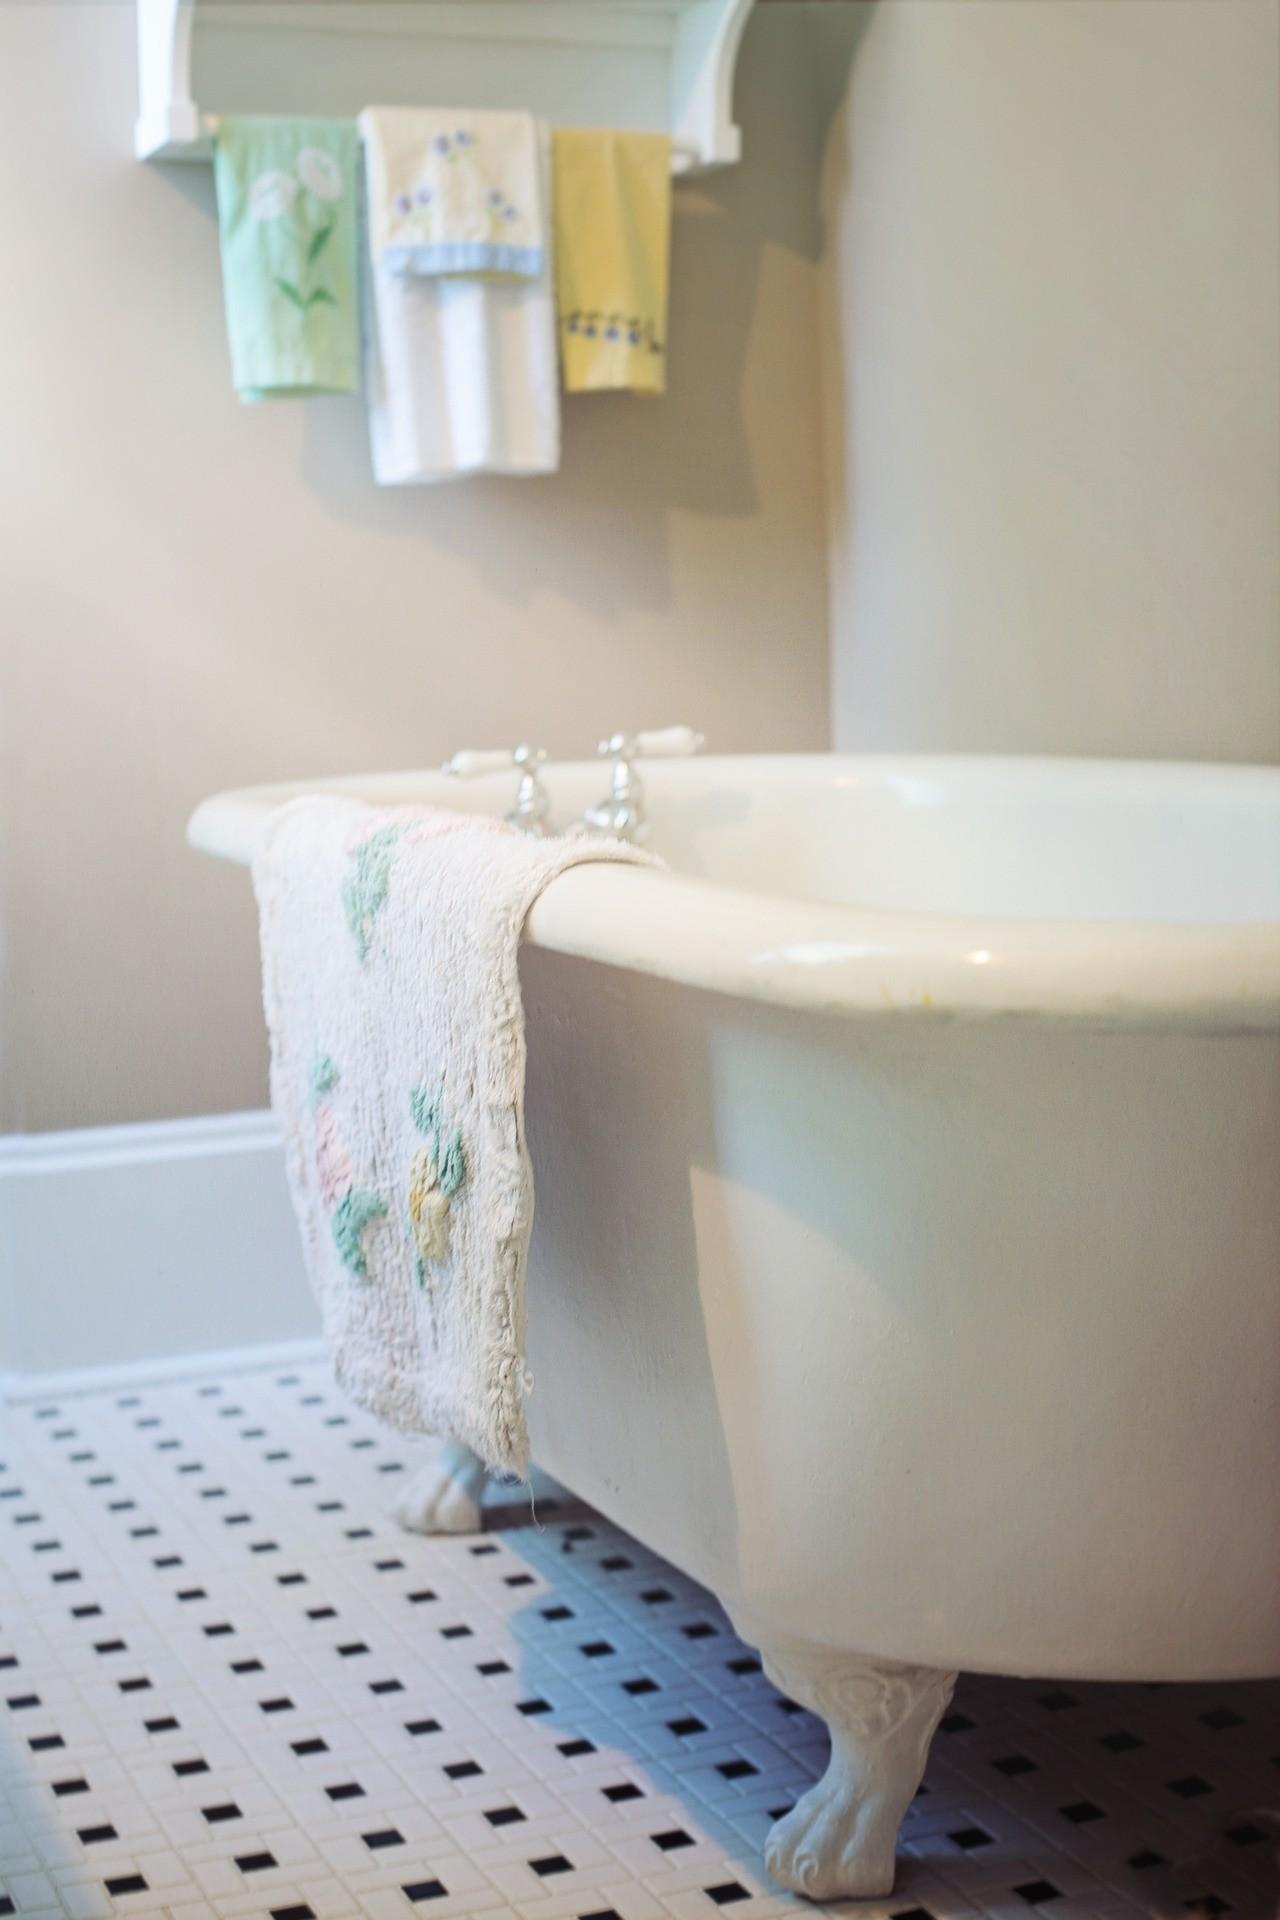 ▲浴缸,浴室,洗澡。(圖/取自免費圖庫Pixabay)